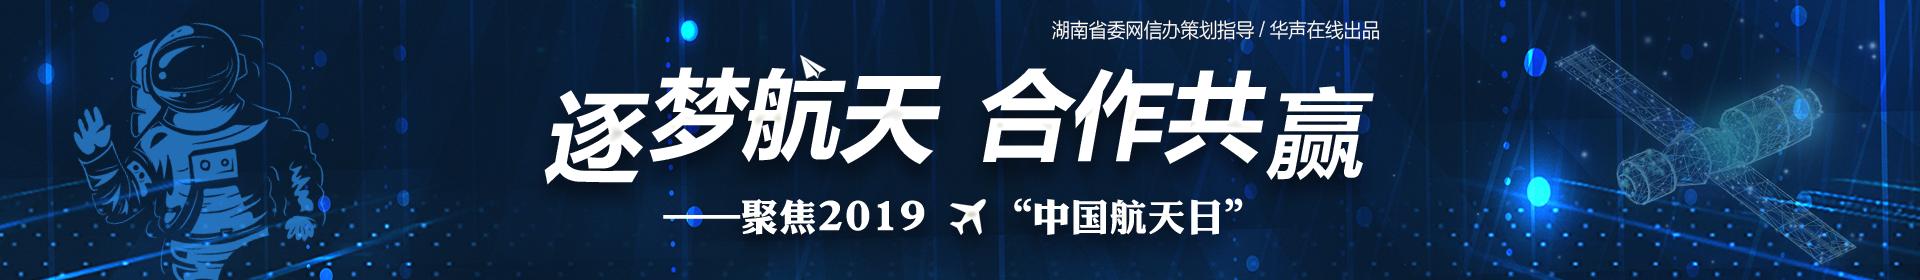 """逐梦航天 合作共赢——聚焦2019""""中国航天日"""""""